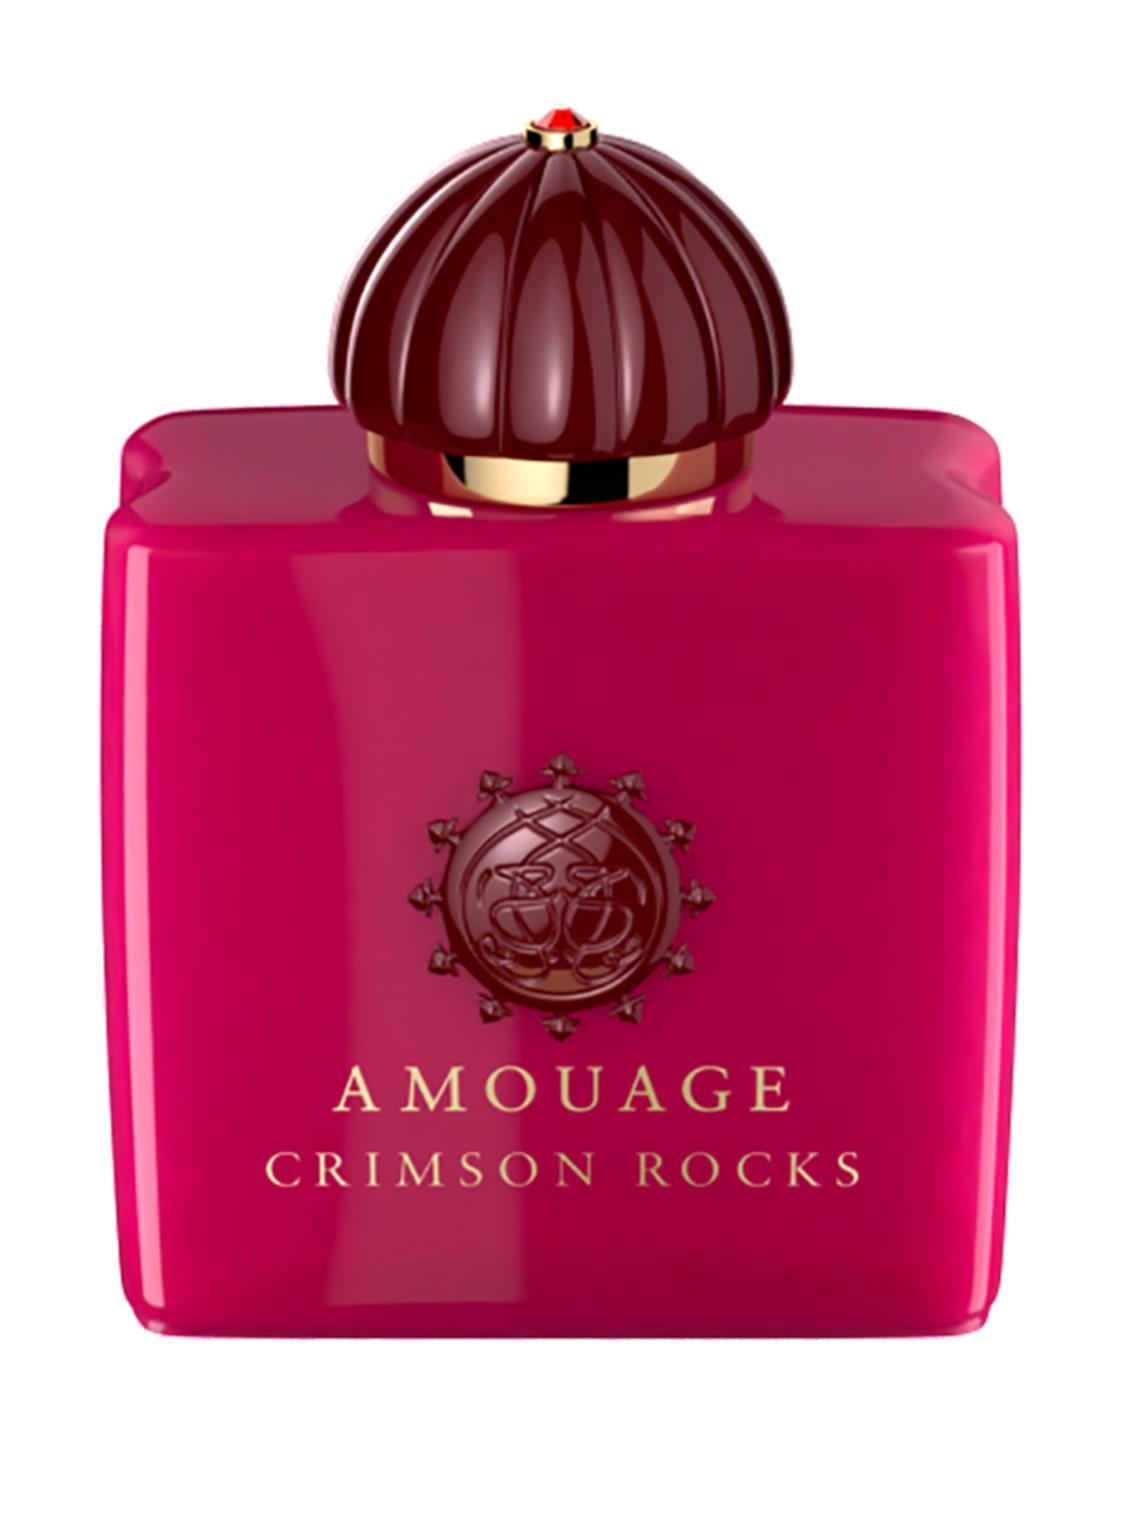 Image of Amouage Crimson Rocks Eau de Parfum 100 ml